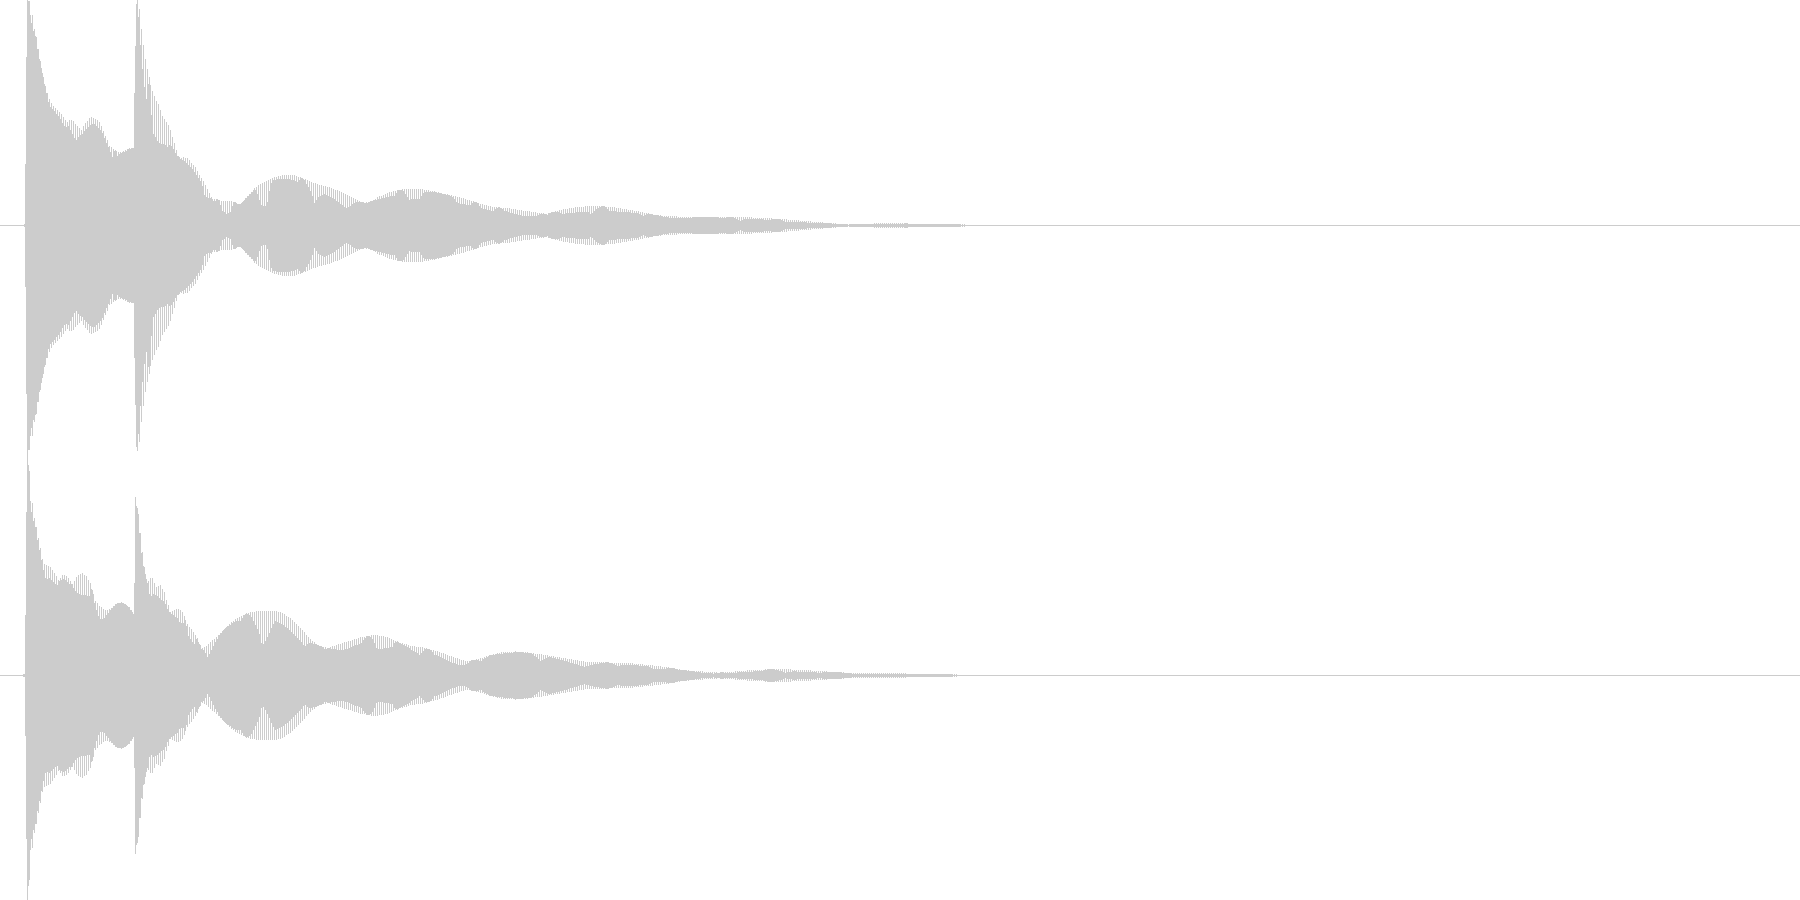 ピコン(決定時の音)の未再生の波形